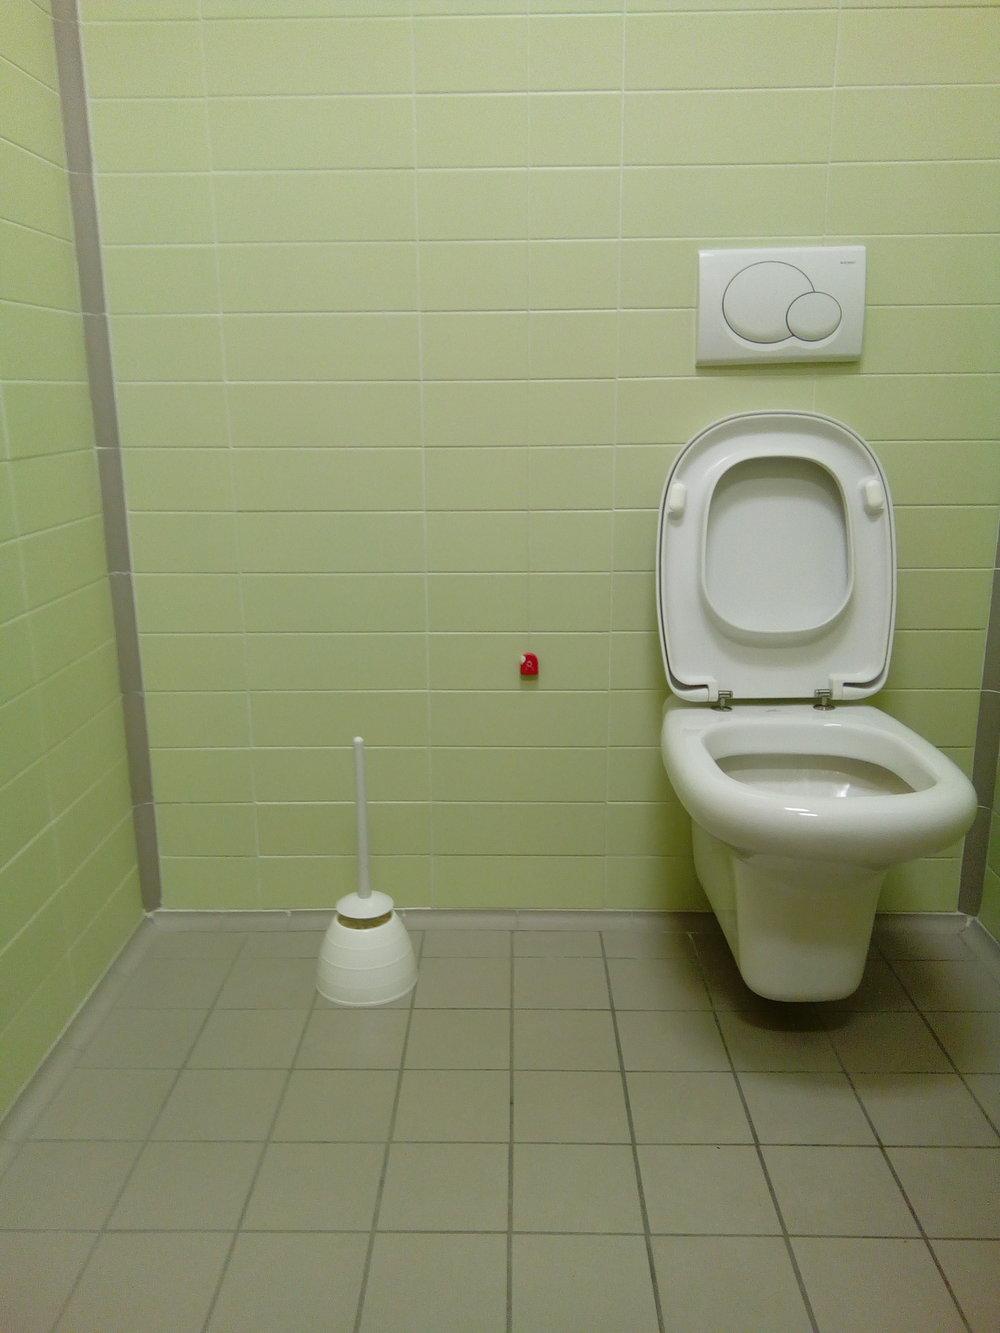 green toilet 2.jpg